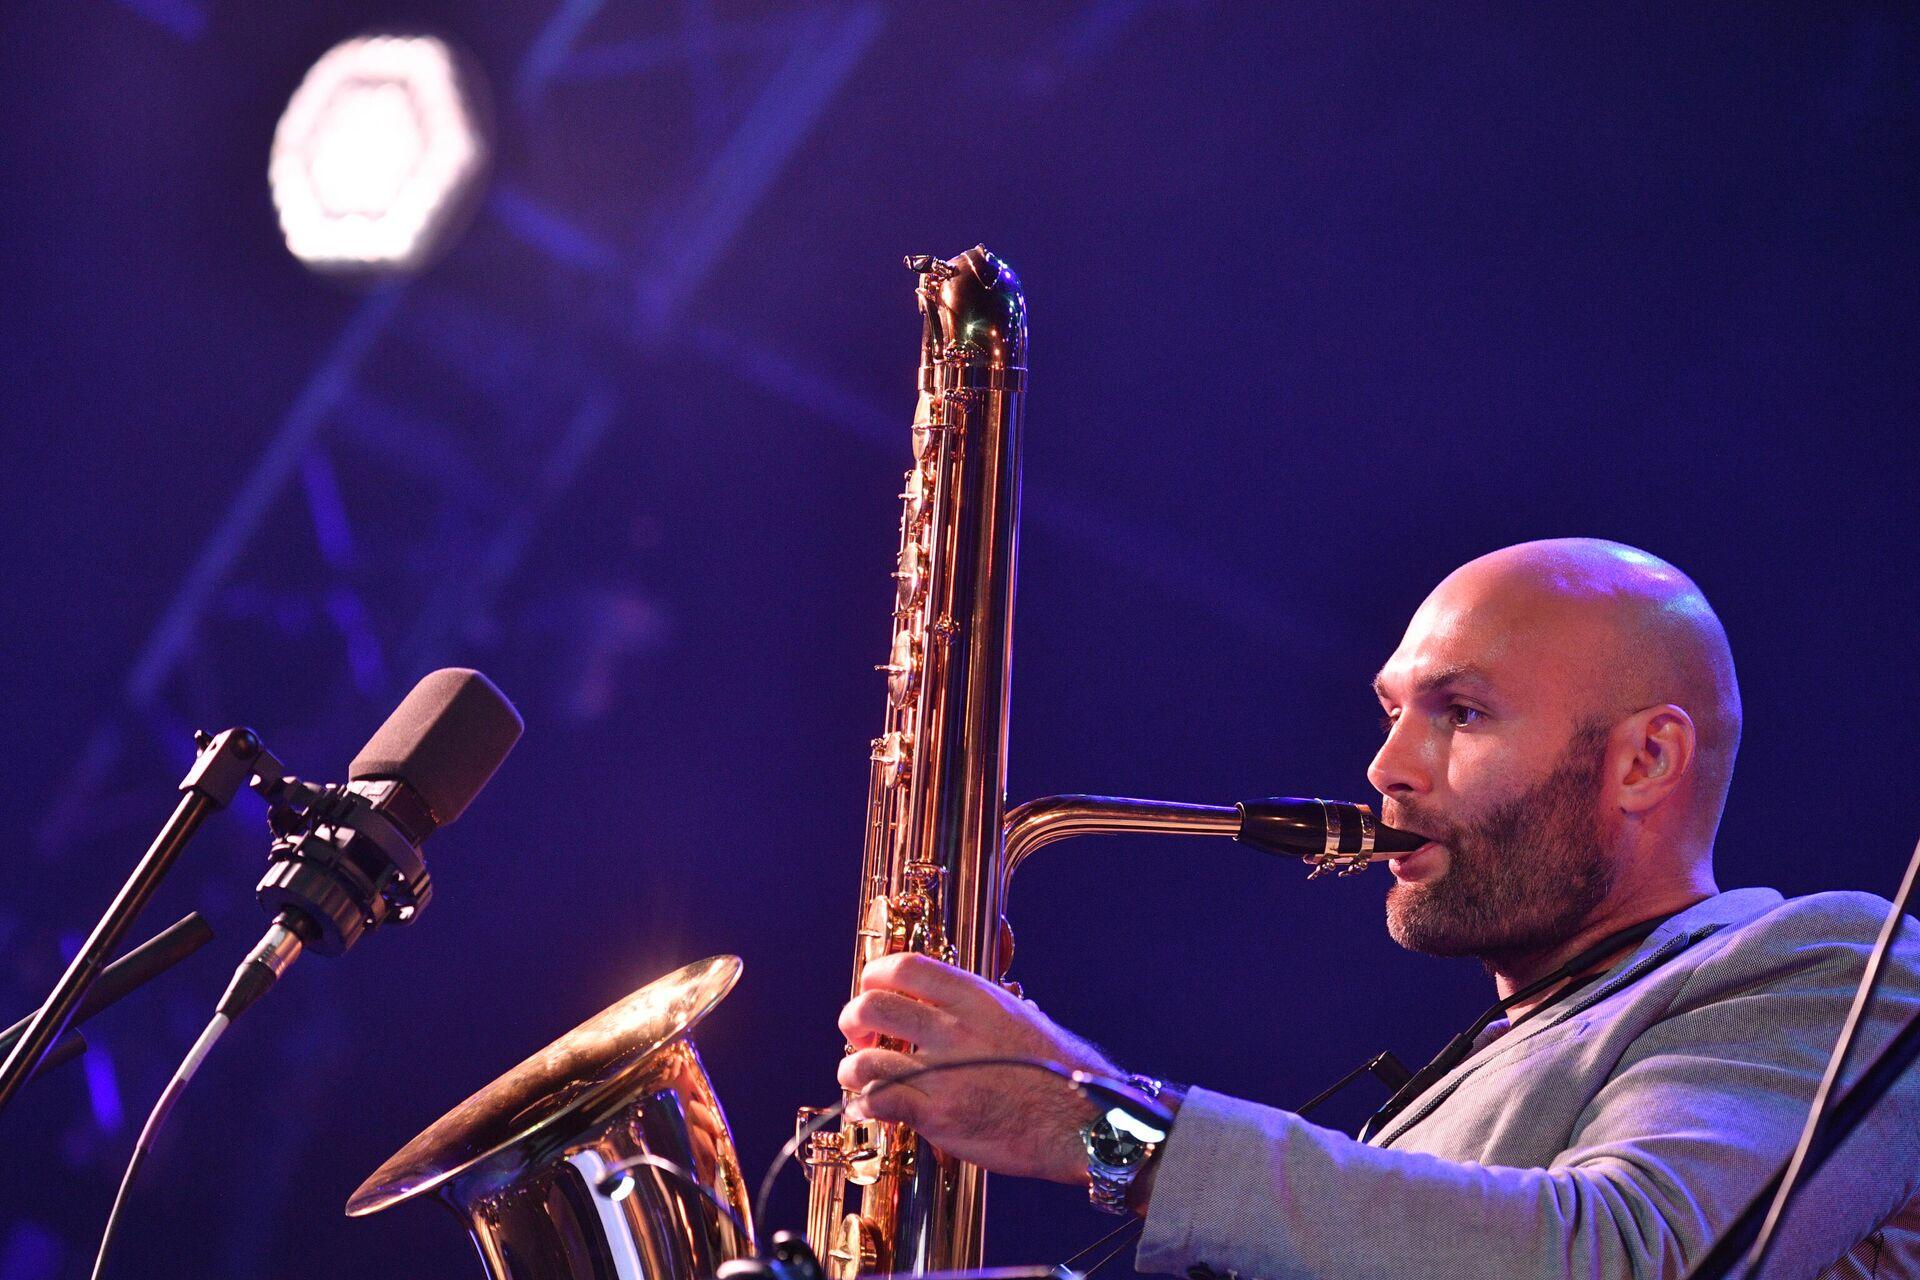 Джазовый музыкант Сергей Головня выступает на Международном джазовом фестивале Koktebel Jazz Party - 2020 в Крыму - РИА Новости, 1920, 11.06.2021